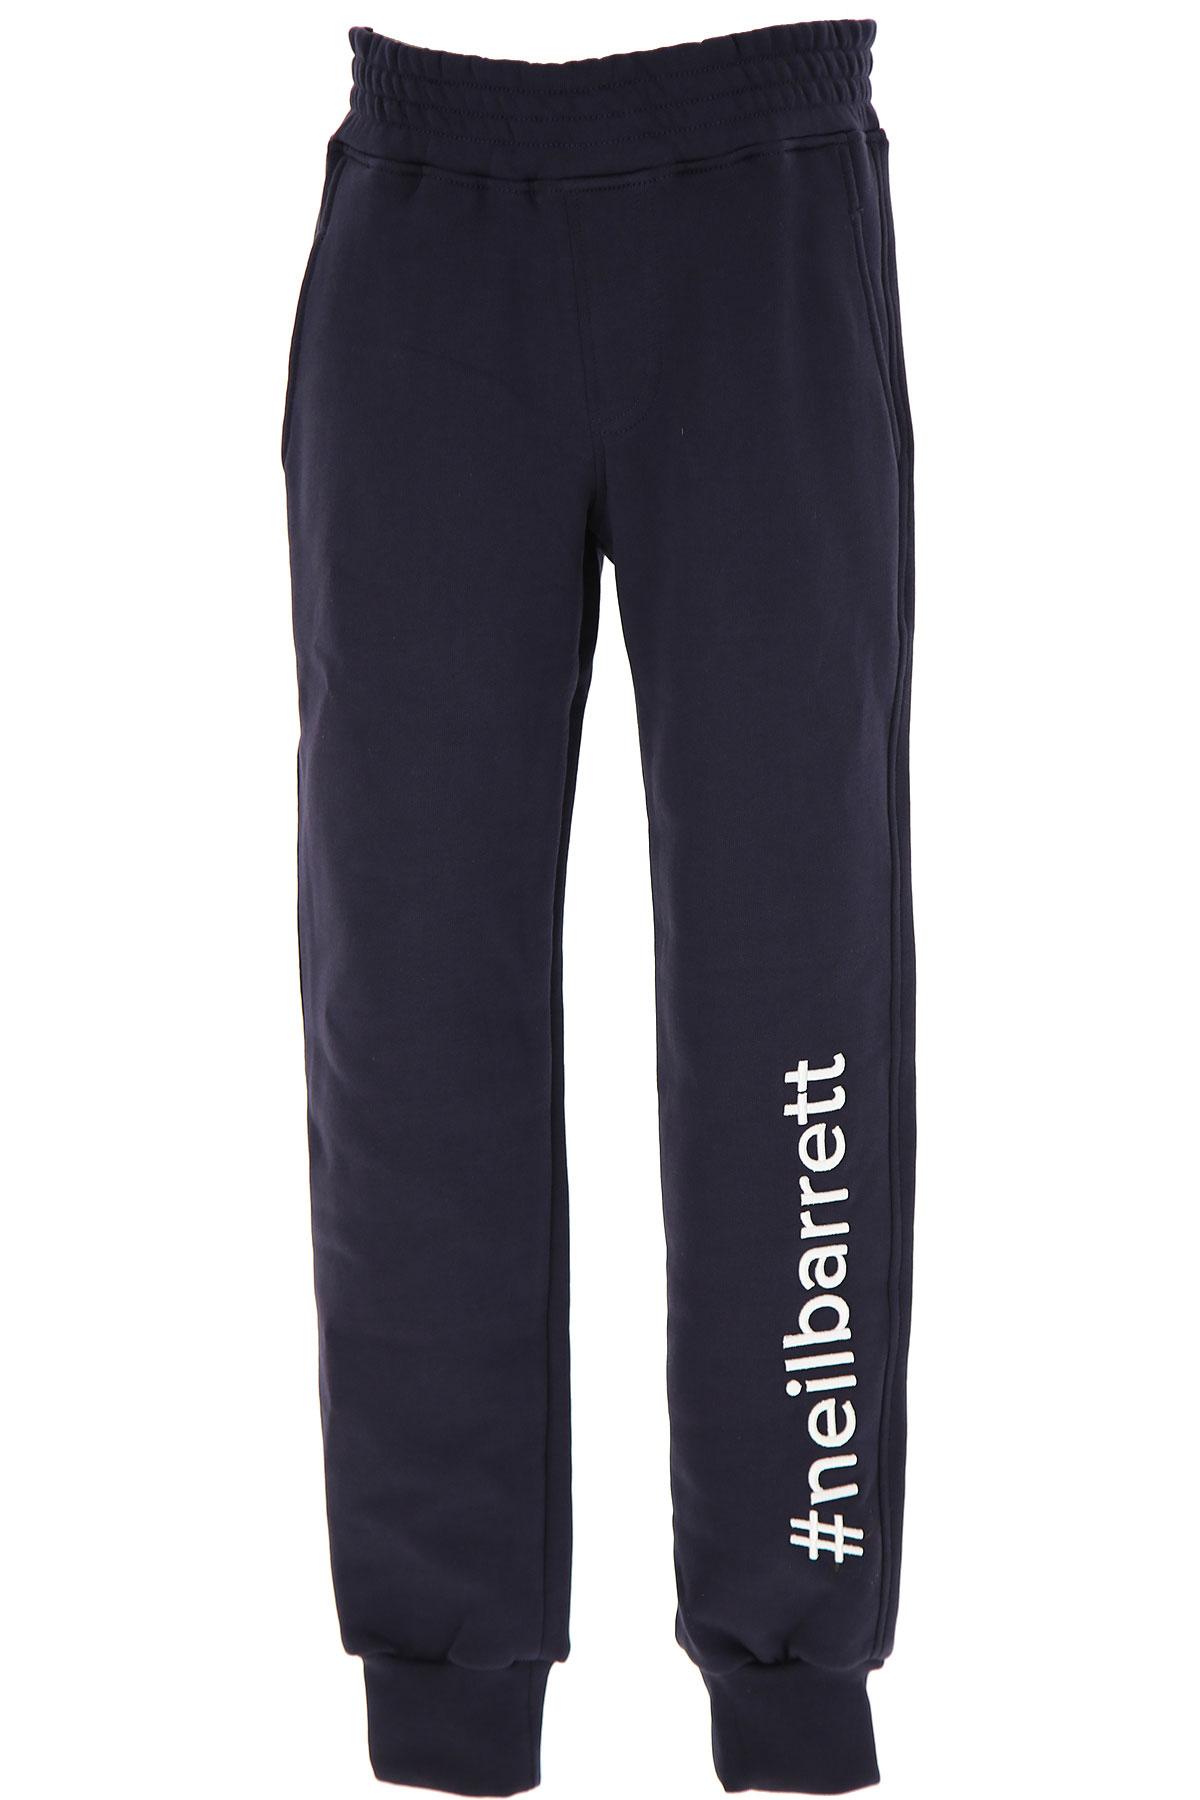 Neil Barrett Kids Sweatpants for Boys On Sale, Blue, Cotton, 2019, 10Y 12Y 14Y 8Y